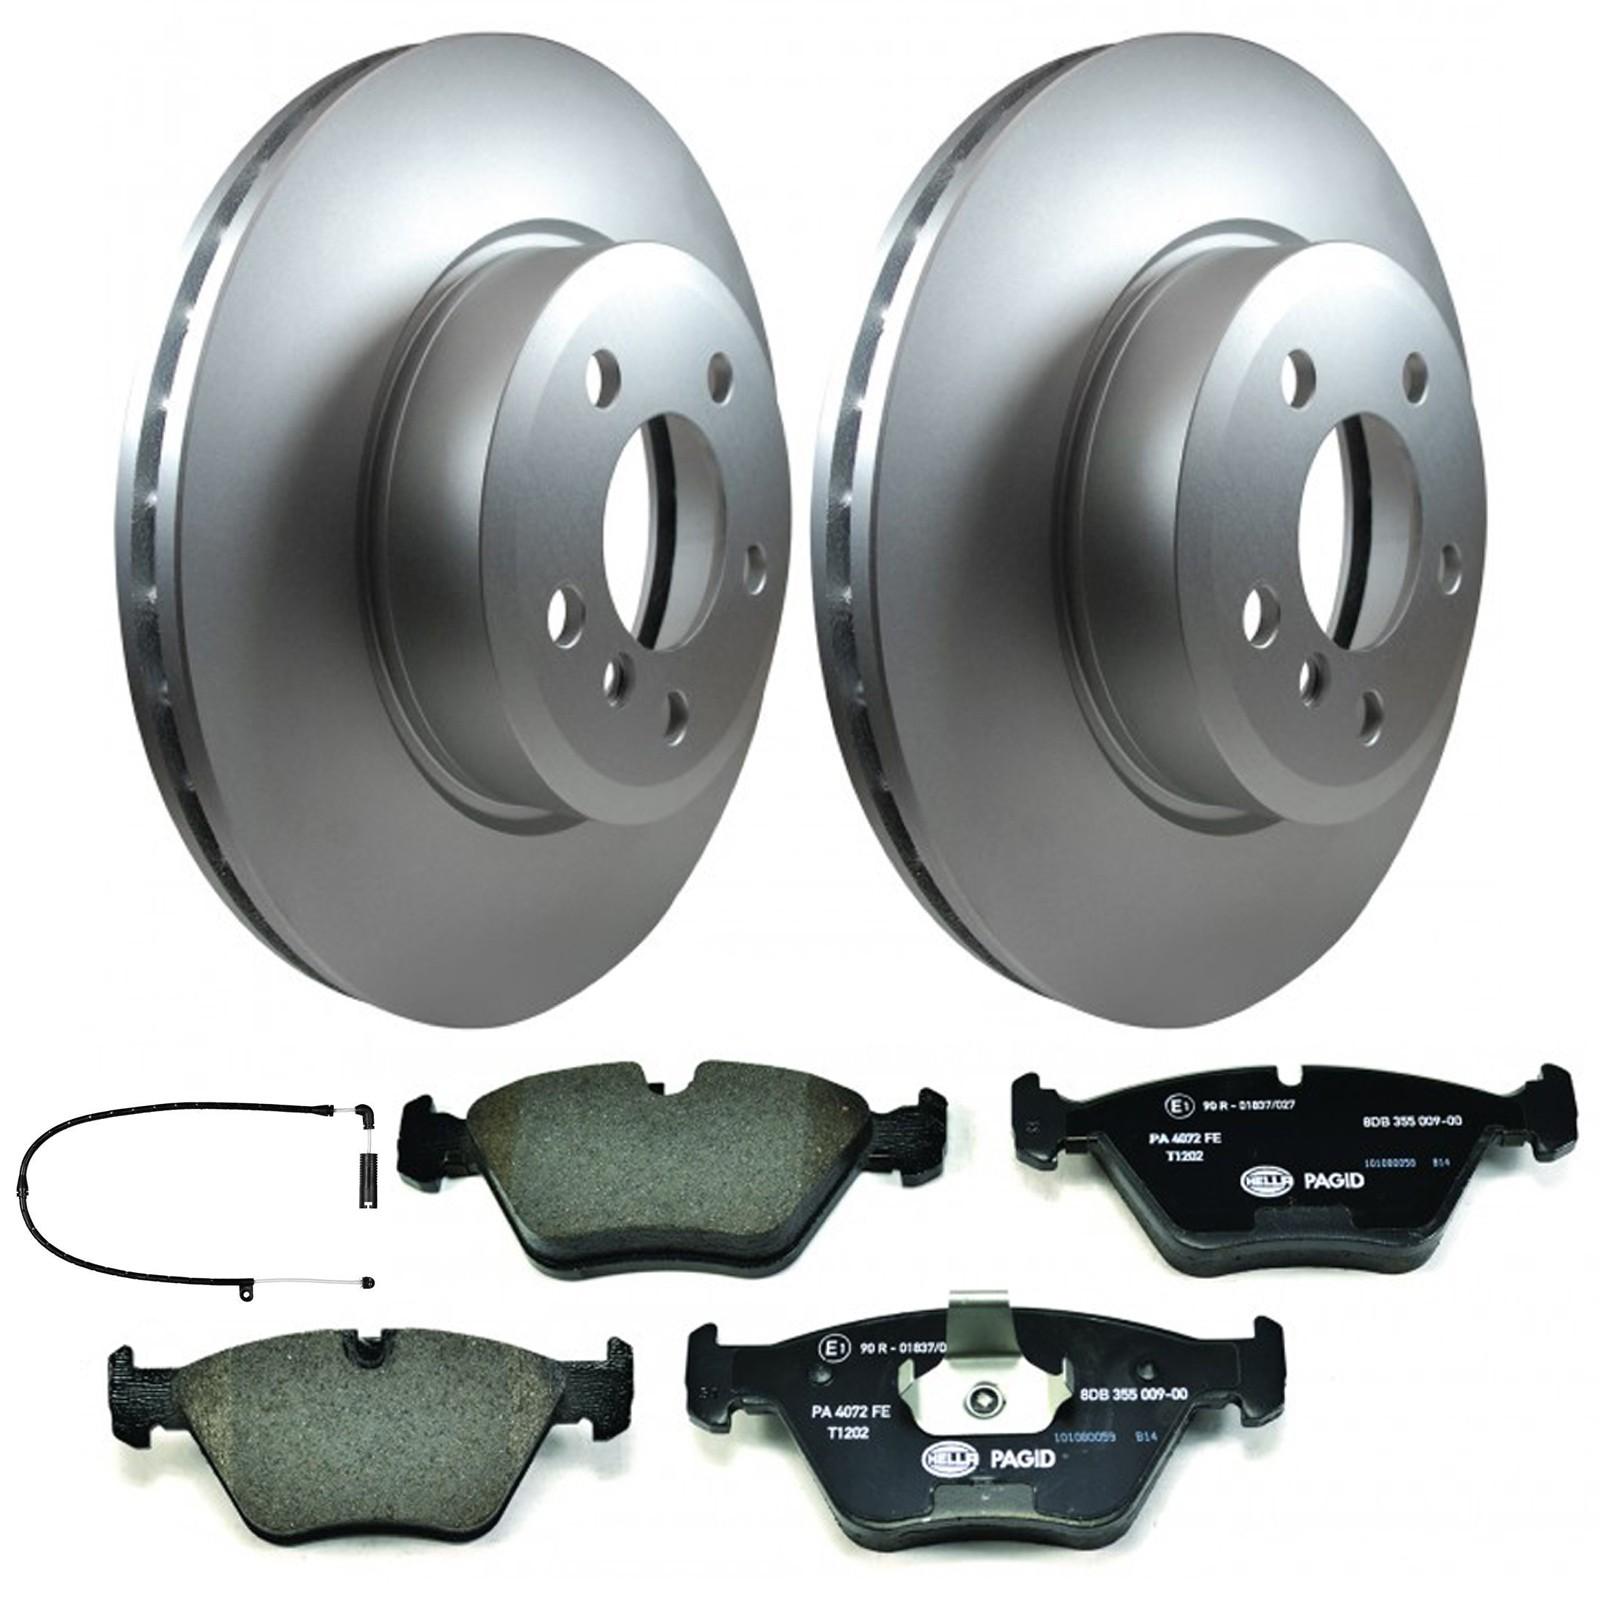 Fits BMW 3 Series E46 2.0 Petrol Pagid Front Brake Kit 2x Disc 1x Pad Set